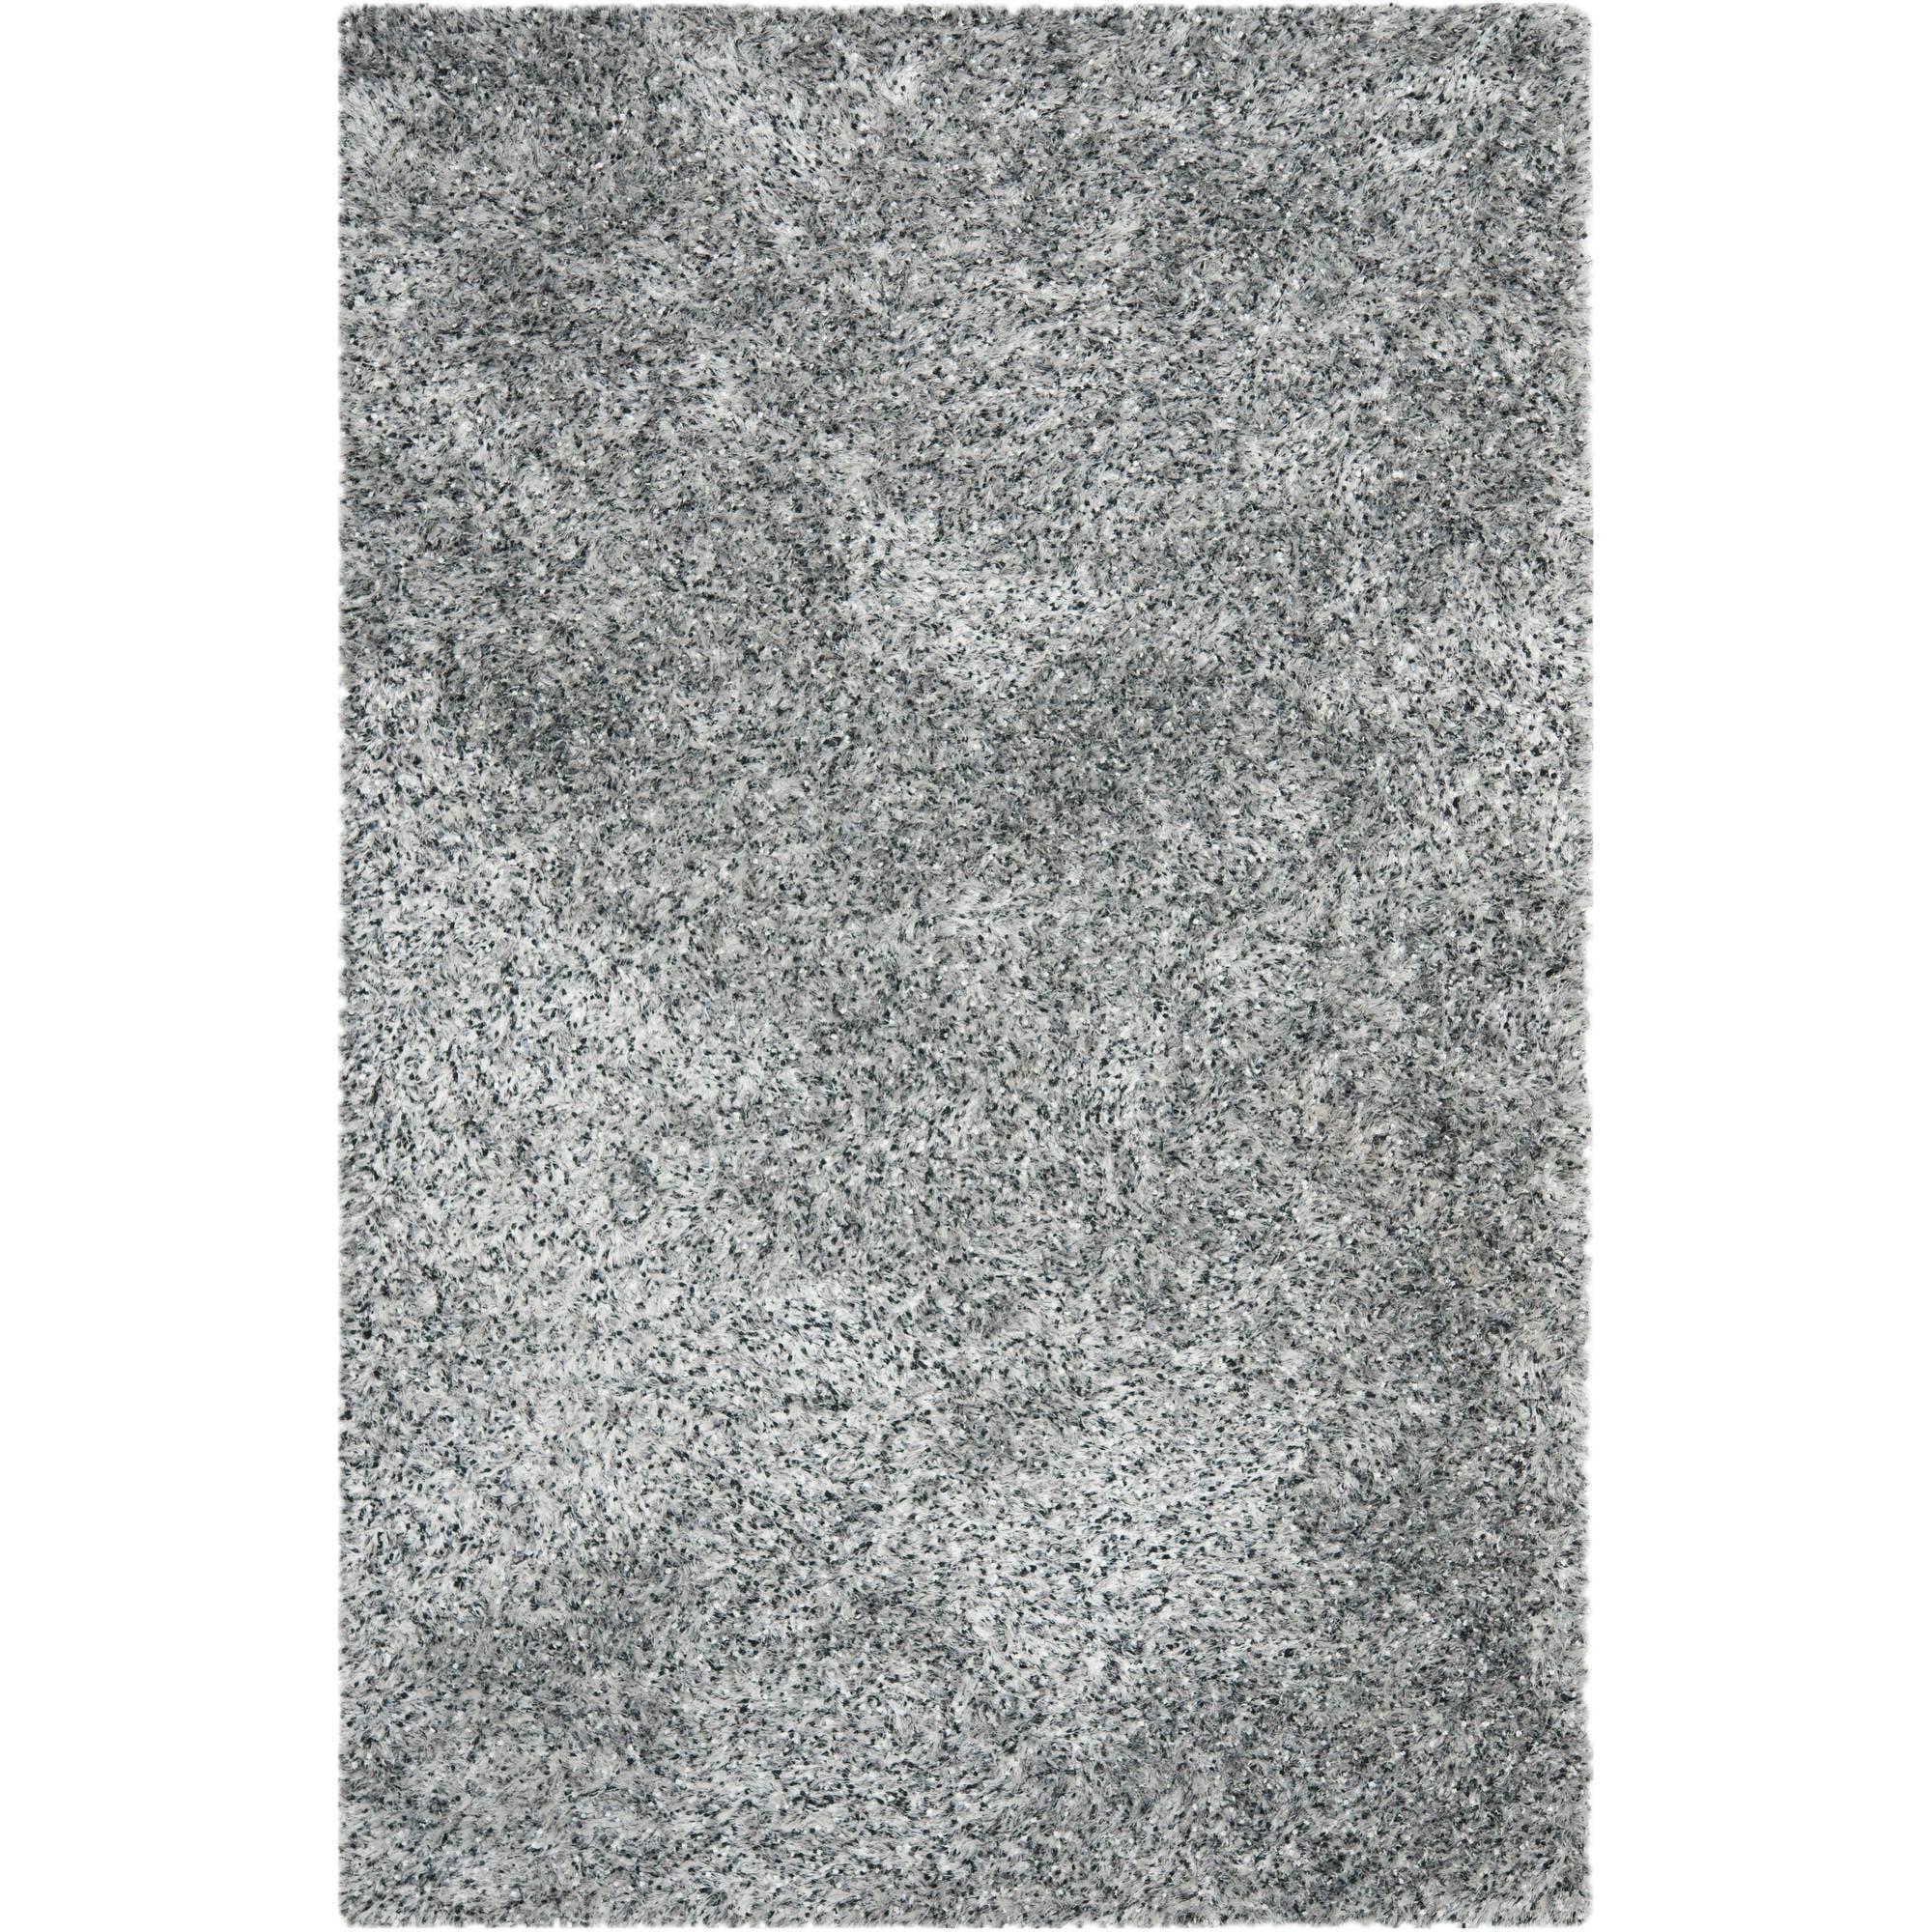 Safavieh Malibu Shag Confetti Area Rug